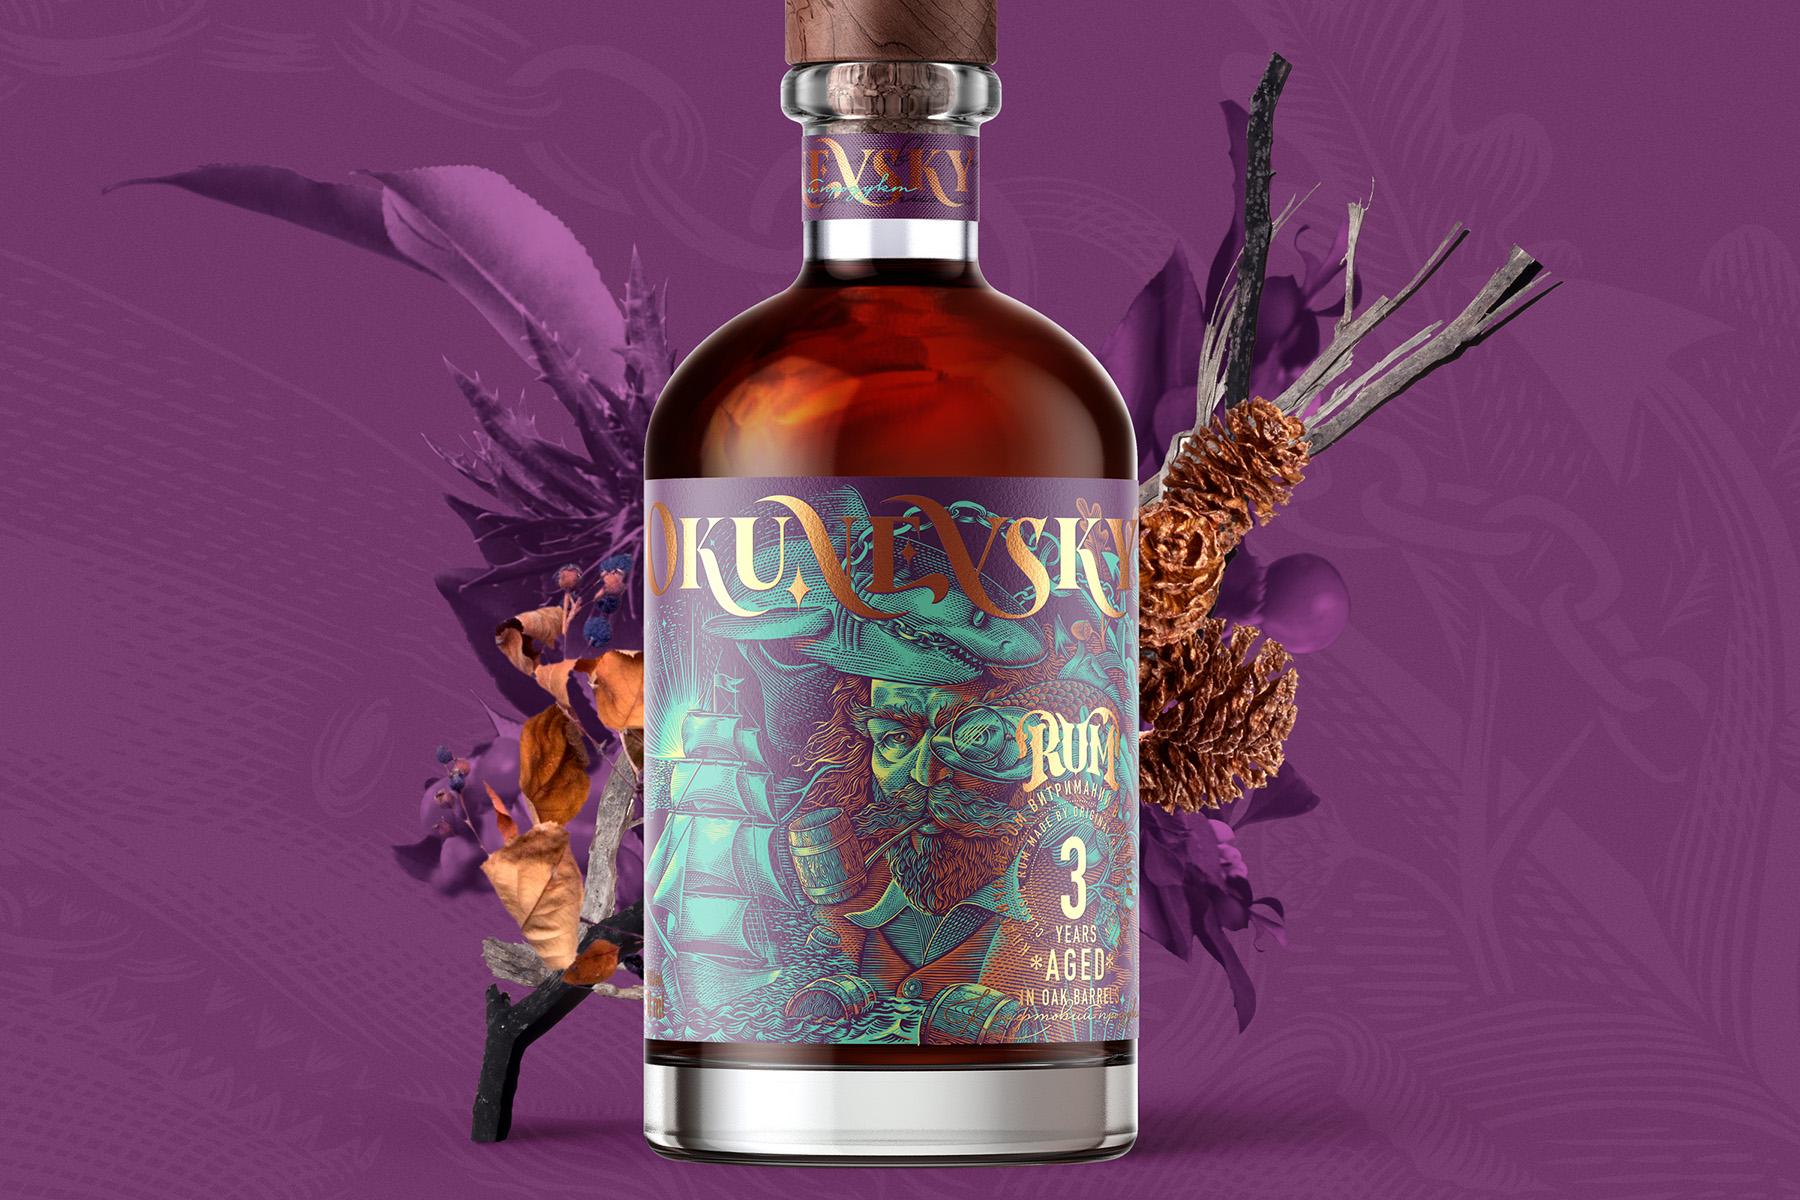 与Okunevsky乌克兰朗姆酒包装一起开始世界航海探索之旅